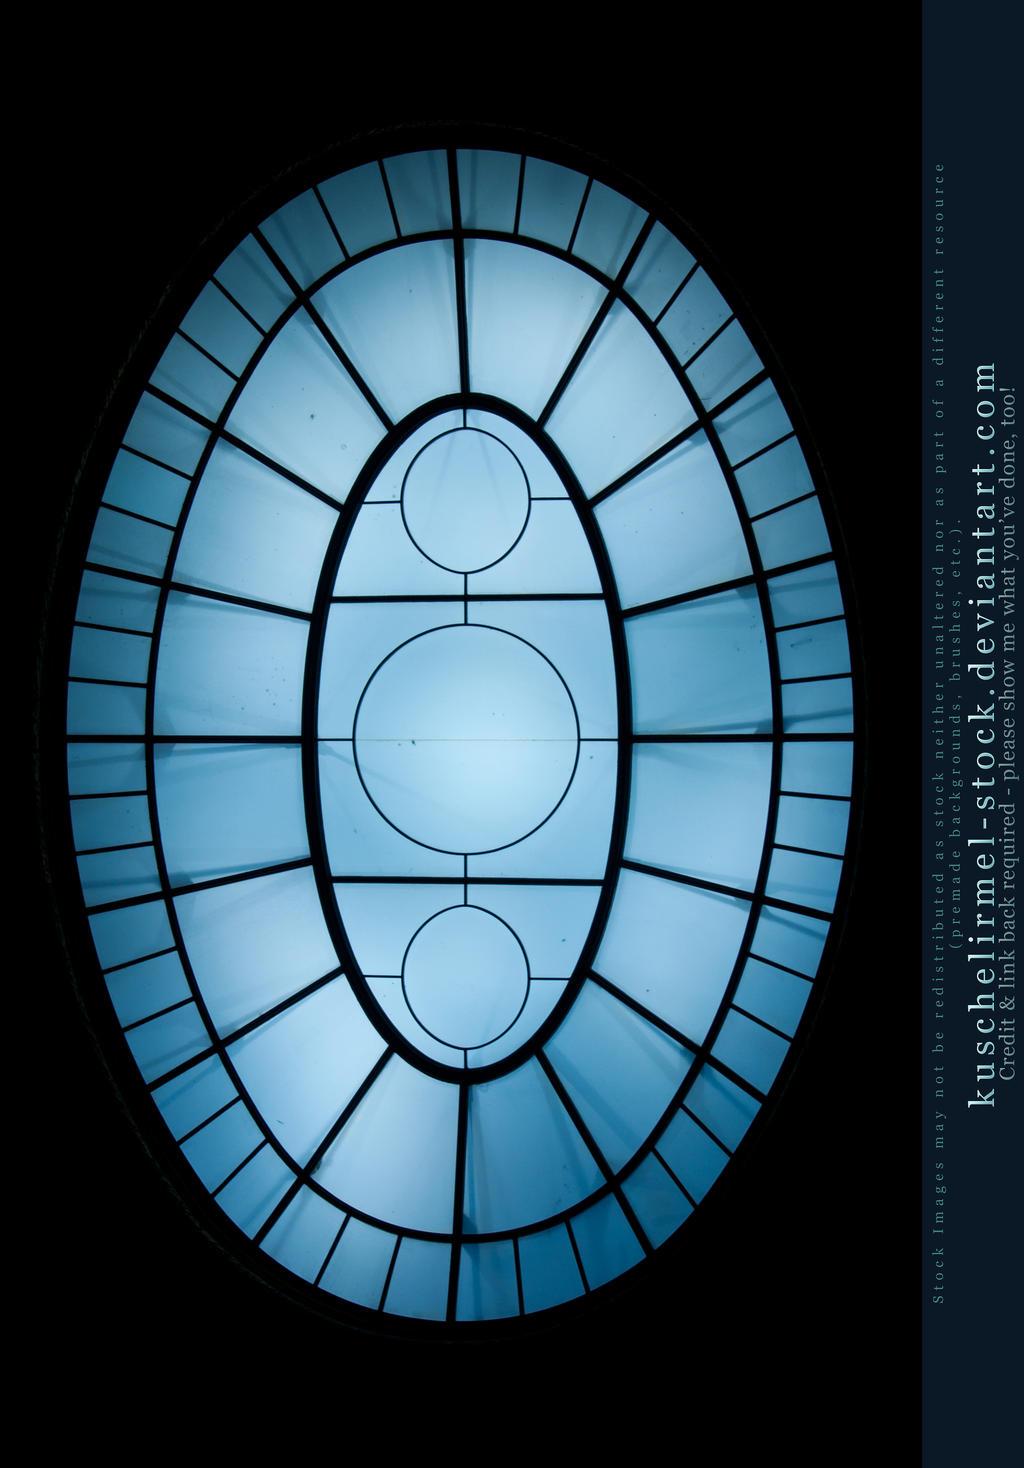 Window by kuschelirmel-stock